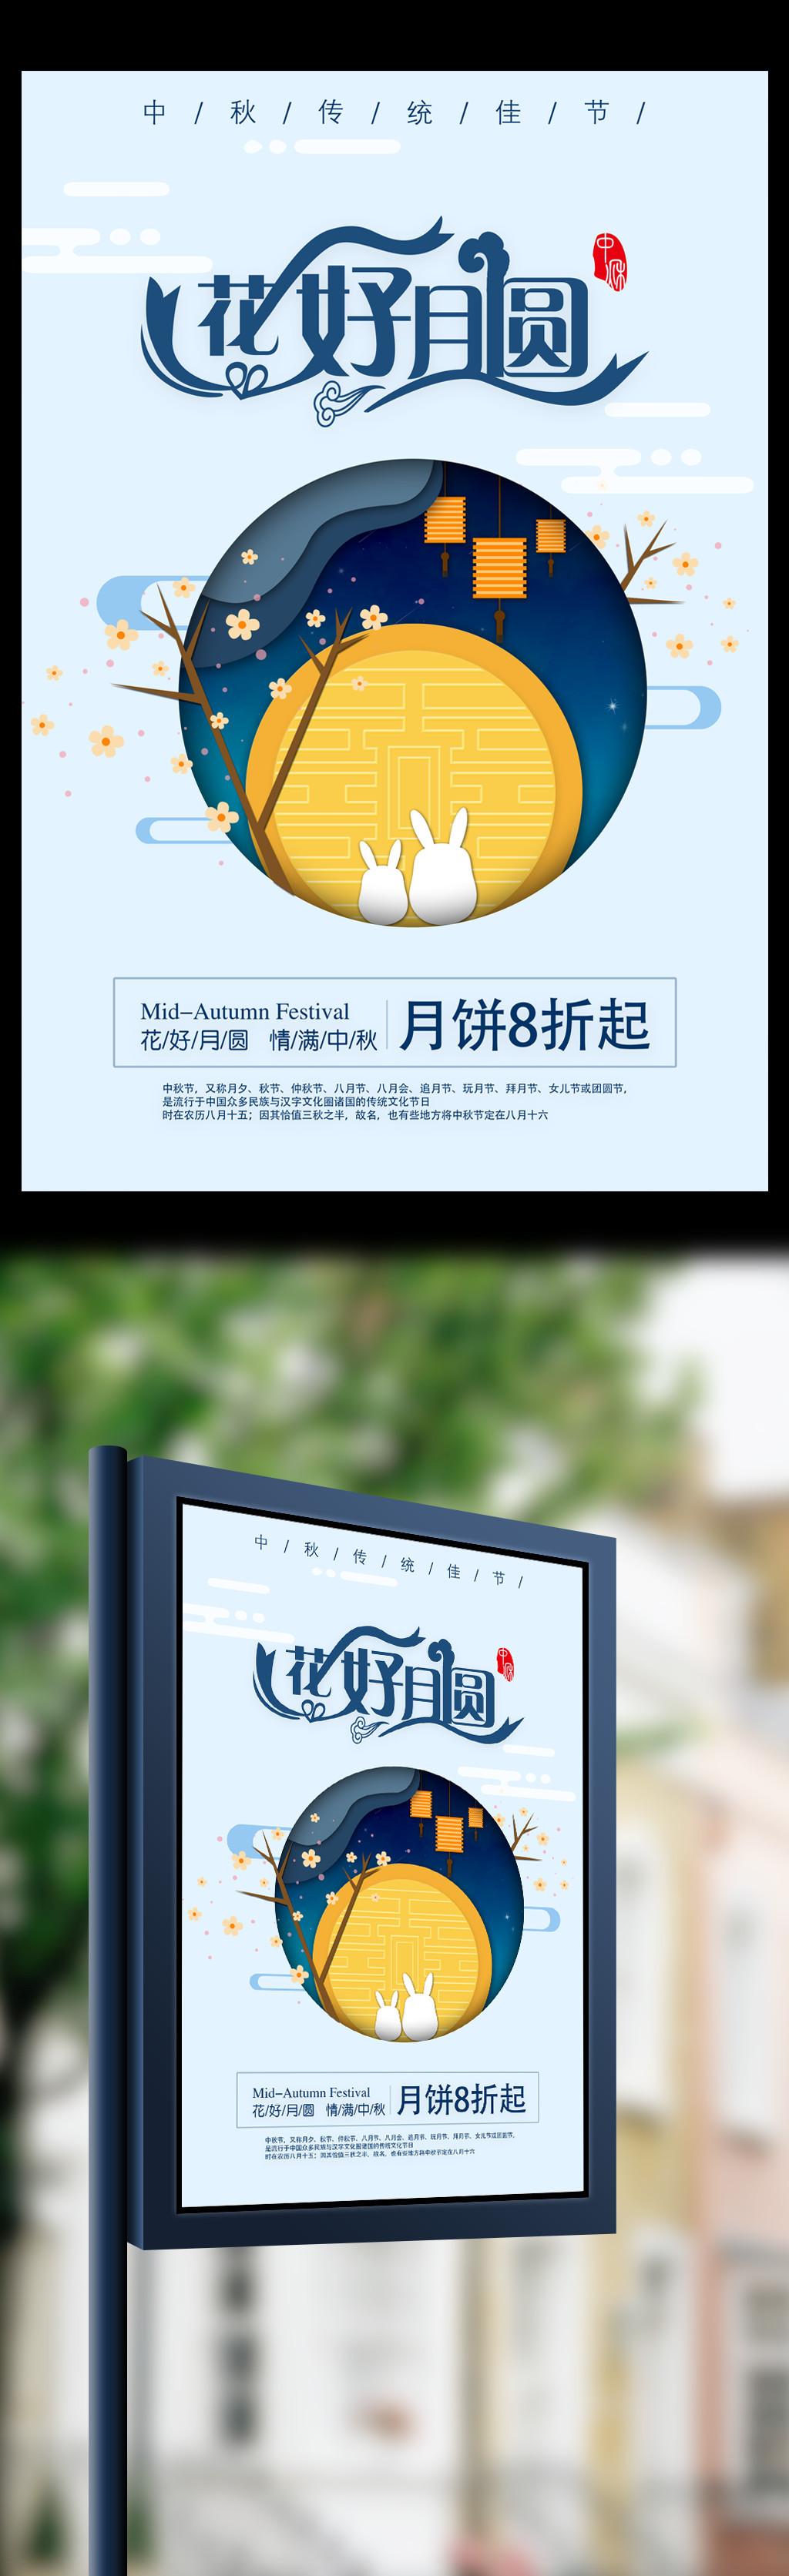 手绘中秋节传统节日海报